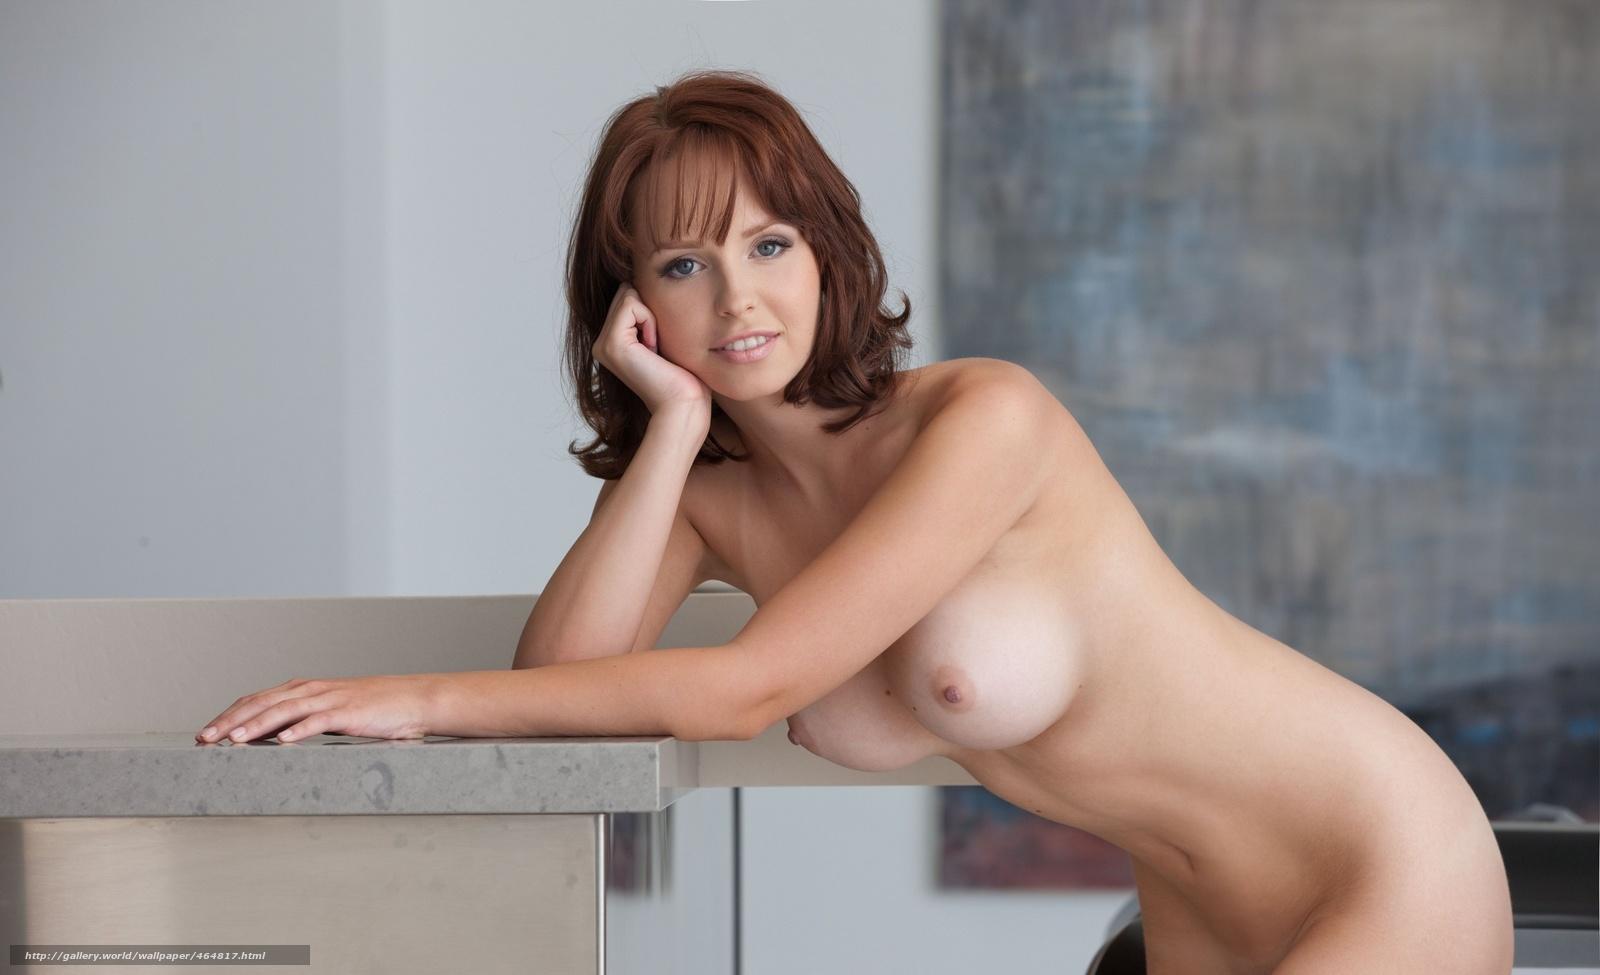 Фото голых девушки отжимается от пола 15 фотография